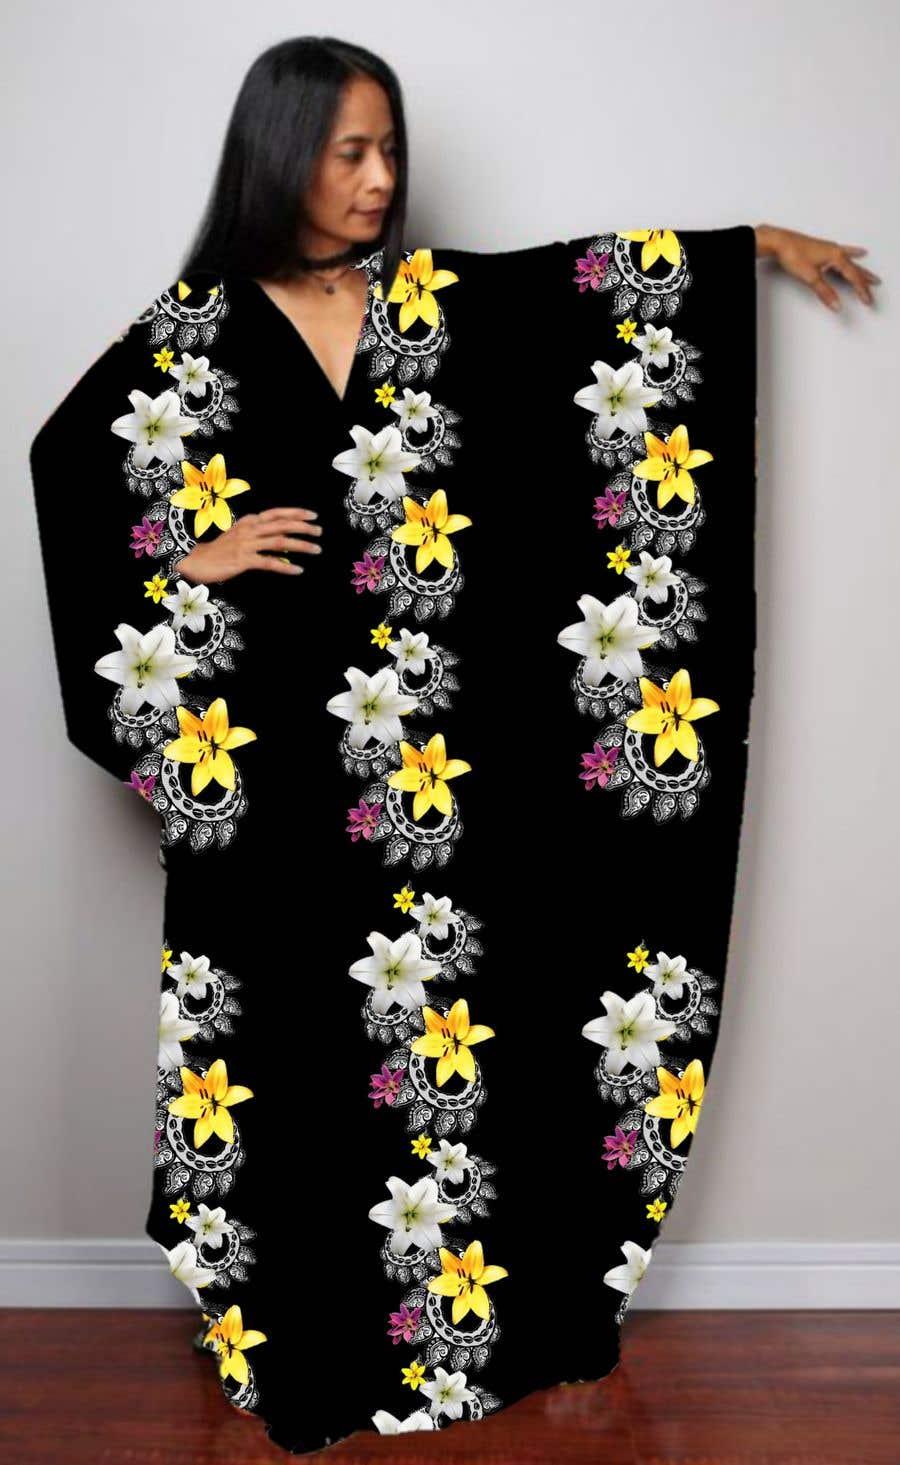 Penyertaan Peraduan #                                        15                                      untuk                                         Create design for printing onto Fabric for womens dresses